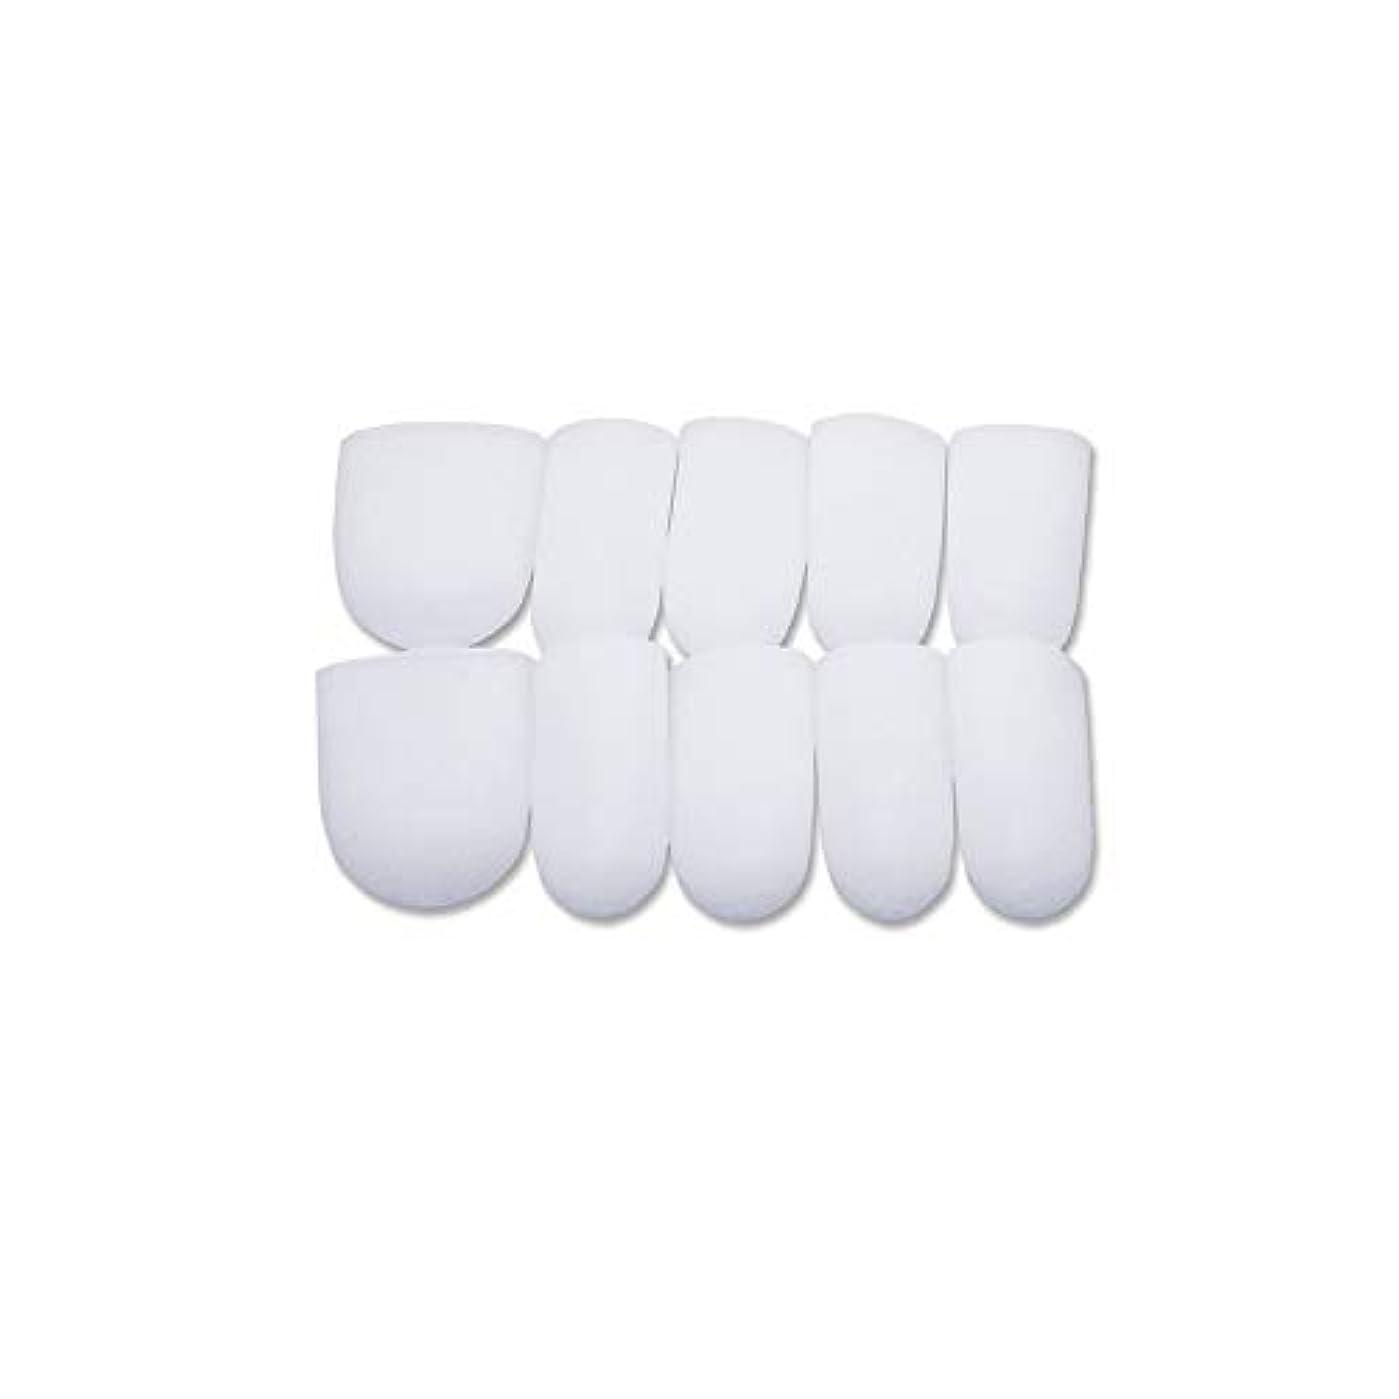 悪化させる二週間エコー5ペア ゲル 足指 足爪 保護キャップ 親指, 足先のつめ保護キャップ, つま先キャップ 白い 足指保護キャップ